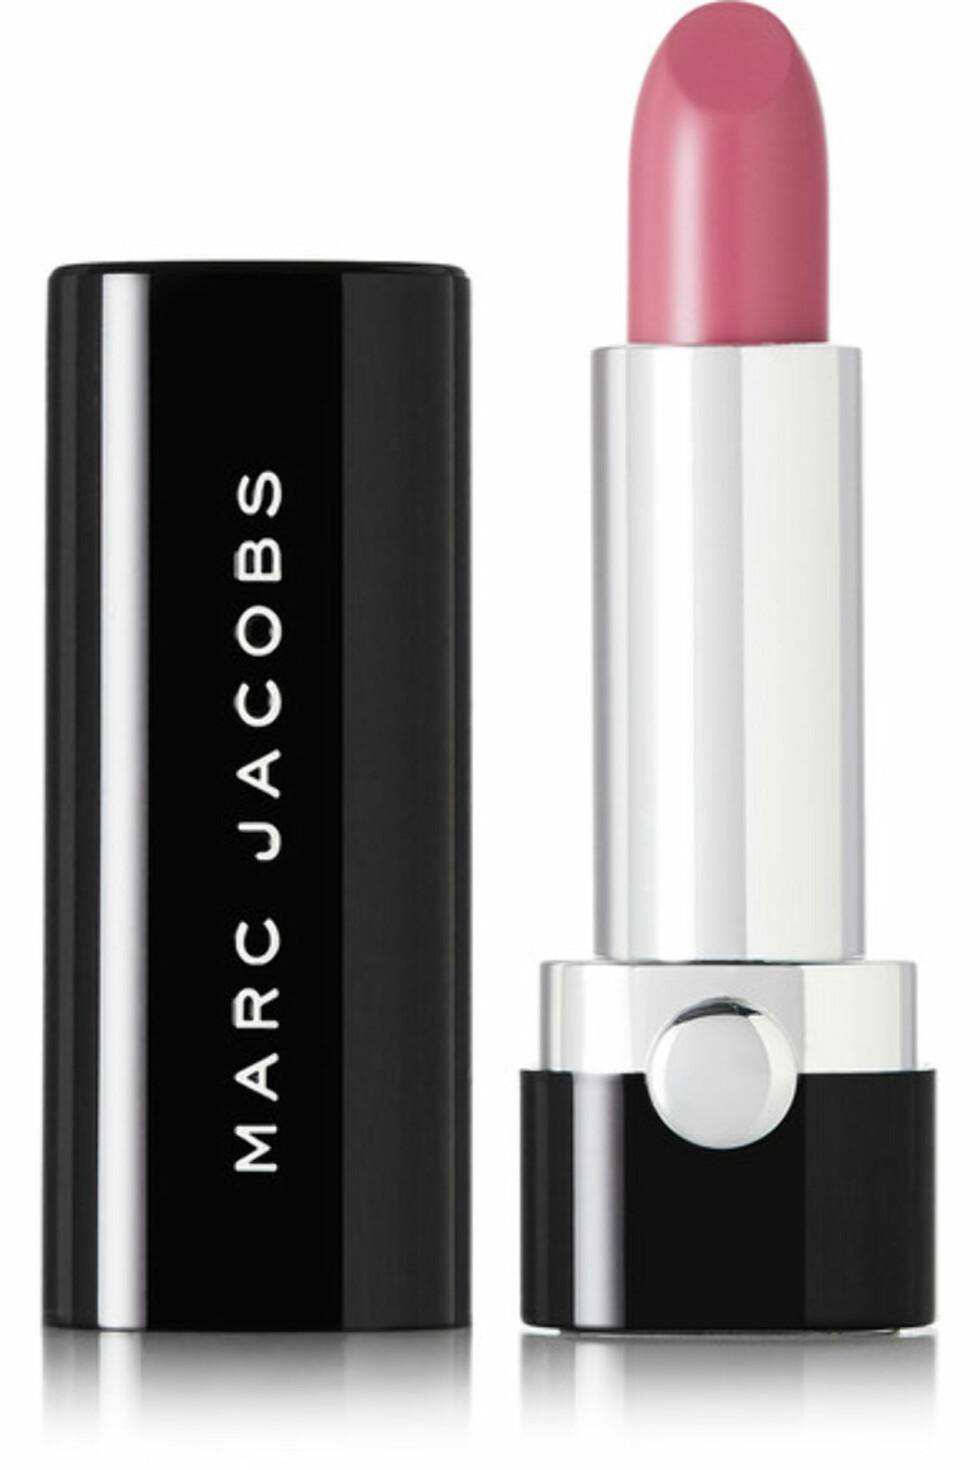 Leppestift fra Marc Jacobs via Net-a-porter.com | kr 280 | http://apprl.com/no/pd/4Mgs/